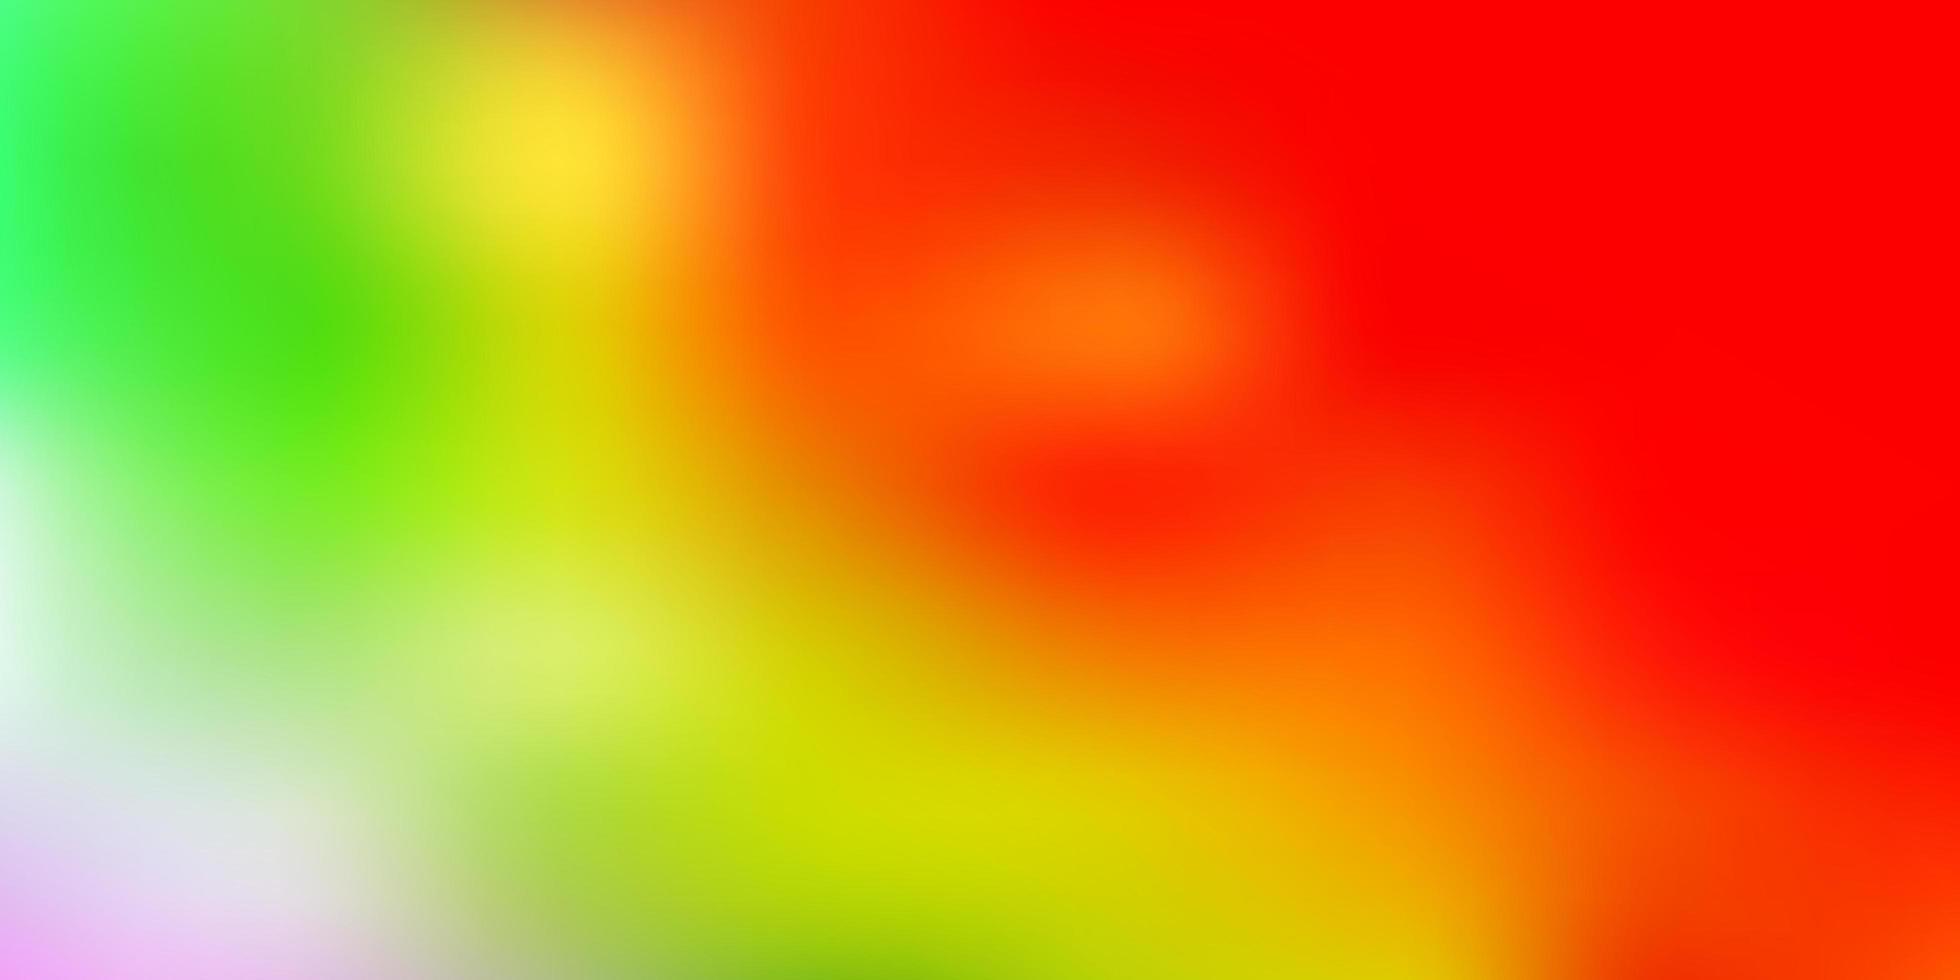 luz multicolor vetor desfocar o fundo.